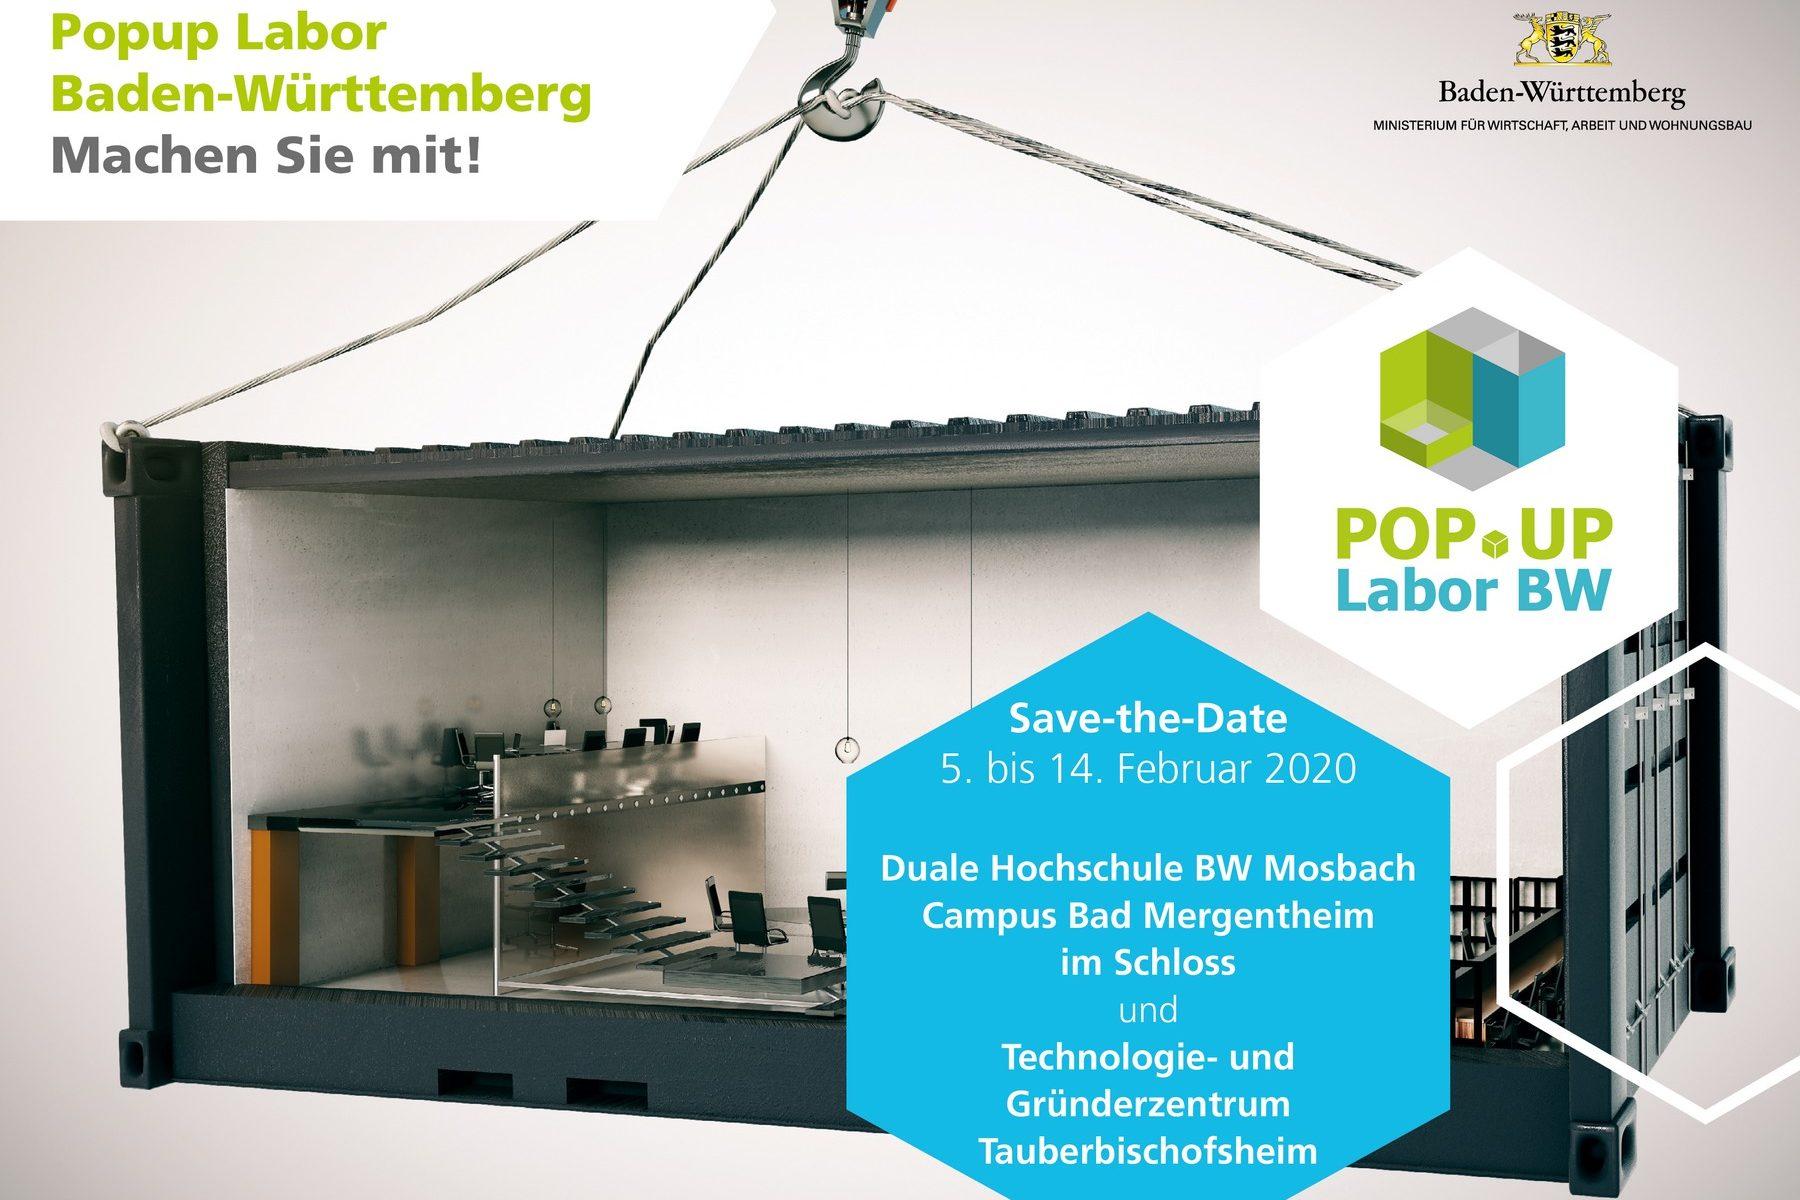 Postkarte Save-the-Date Bad Mergentheim und Tauberbischofsheim (Bildquelle: Popup Labor)